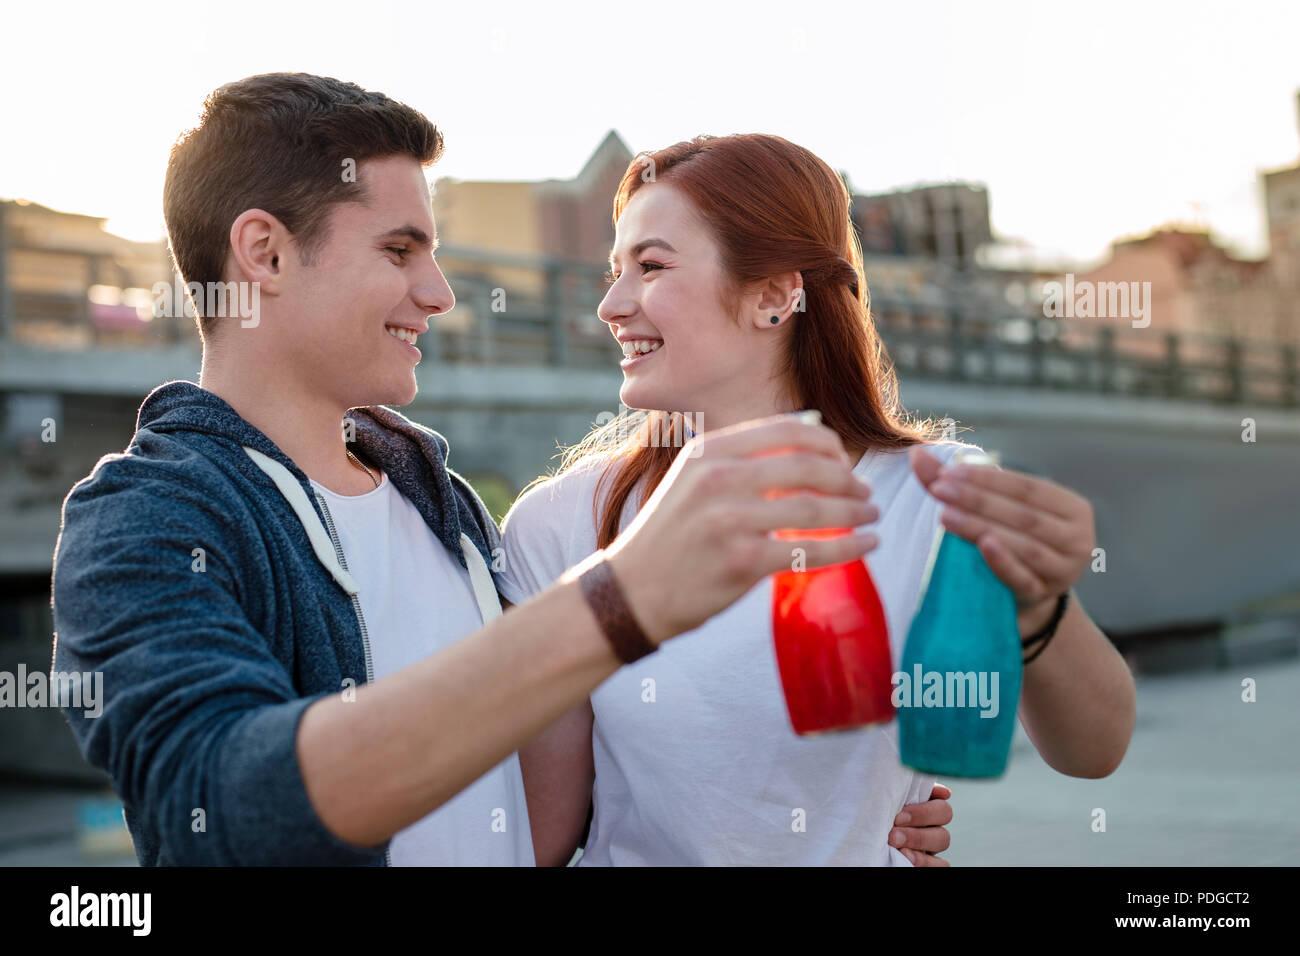 Felice coppia positiva di bere succo di frutta in modo delizioso. Immagini Stock